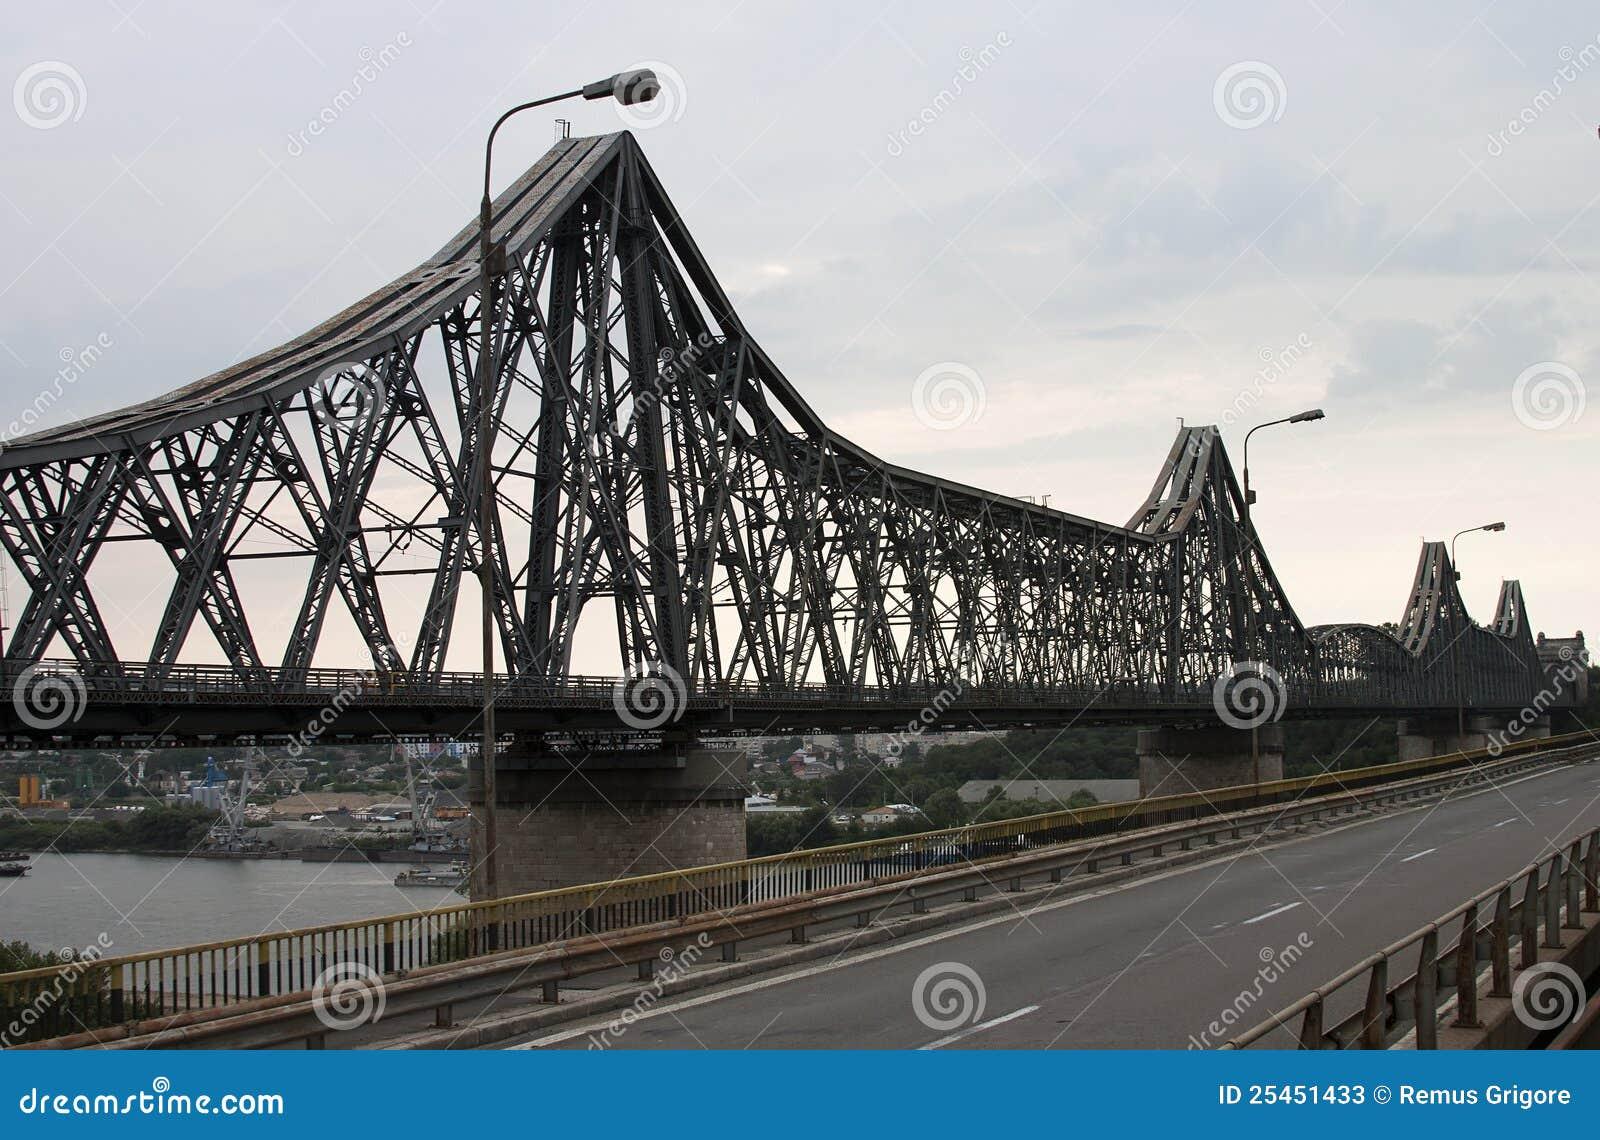 De brug van Saligny - RUW formaat